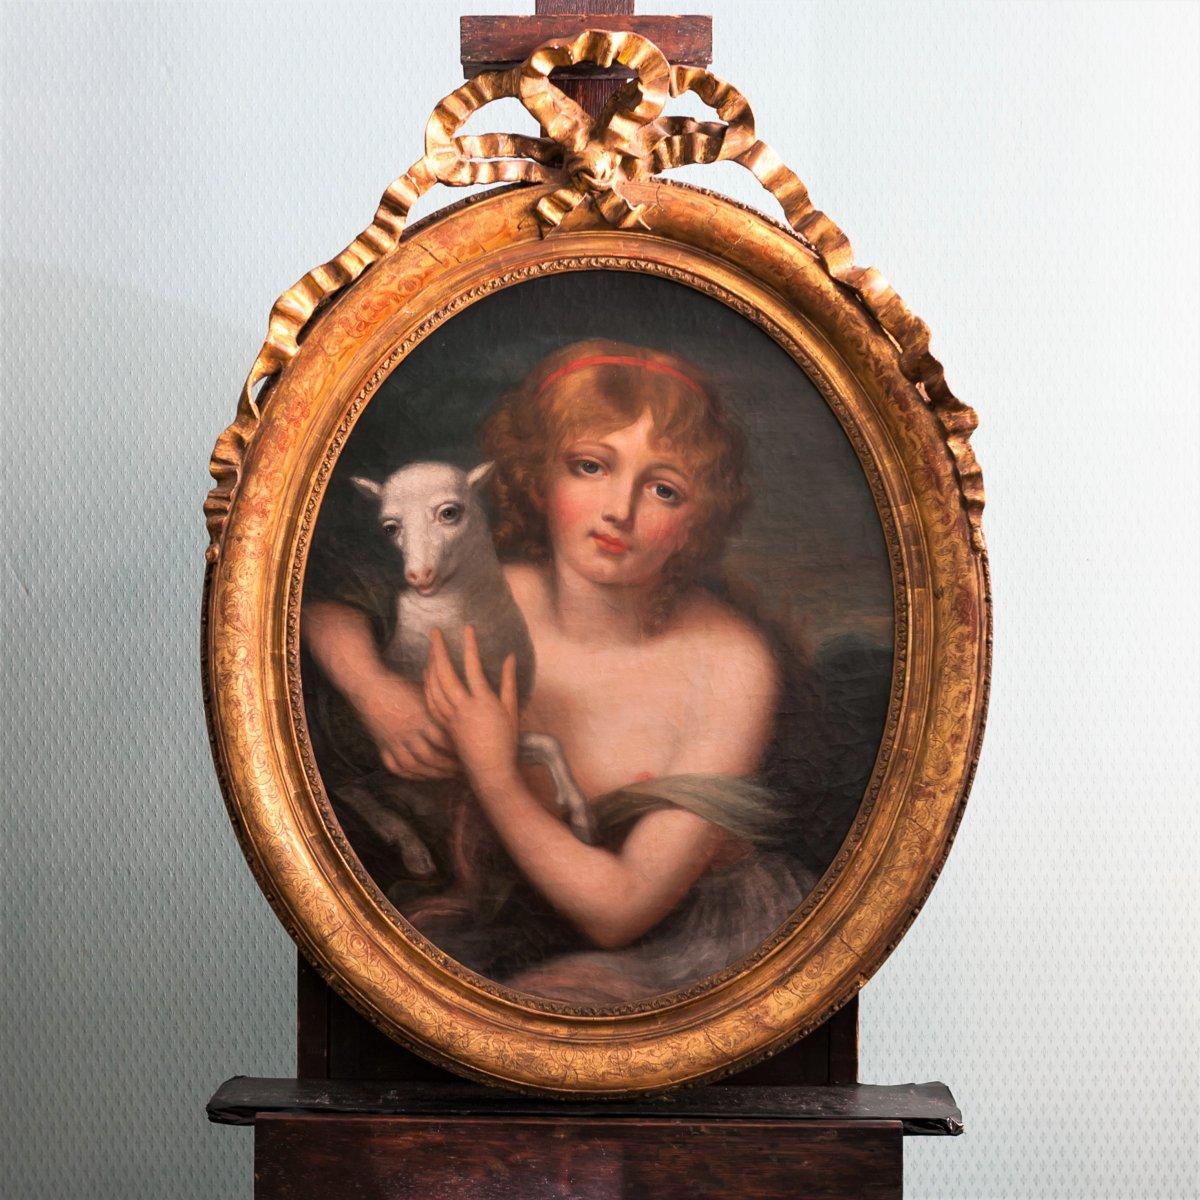 L'innocence, Ecole française, fin du XVIIIème siècle, entourage de Greuze (1725-1805)